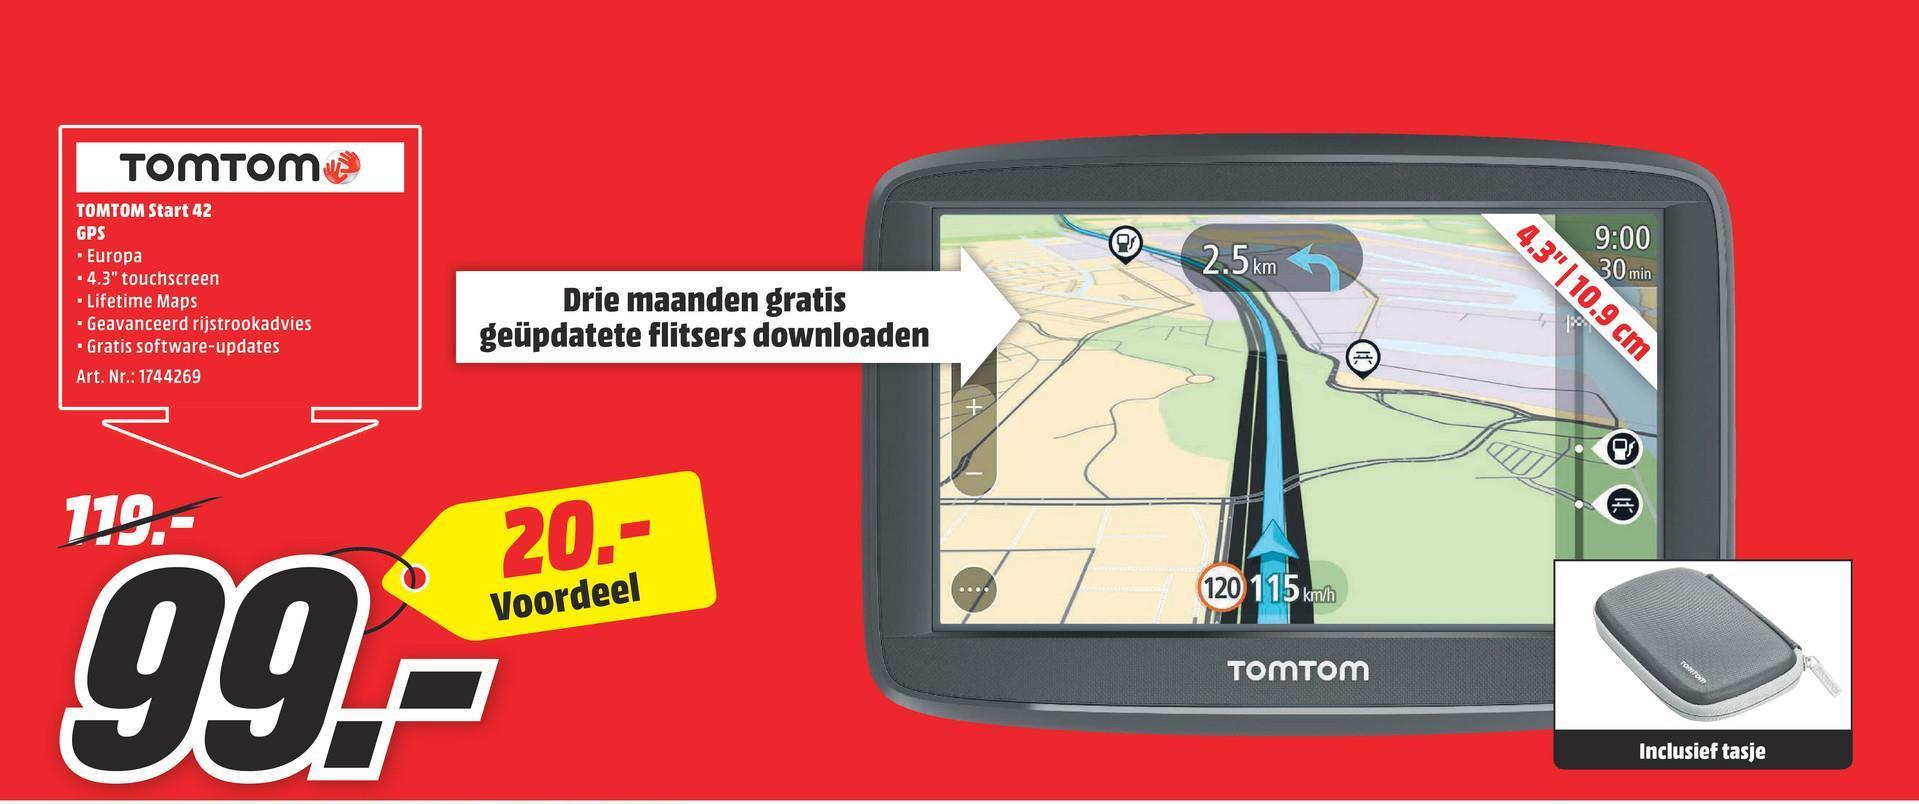 MediaMarkt folder van 16/07/2018 tot 22/07/2018 - TOMTOM Start 42 GPS auto West-Europa (1AA4.054.00) 1AA4.054.00 START 42 WESTERN EUROPE 23 COUNTRIES